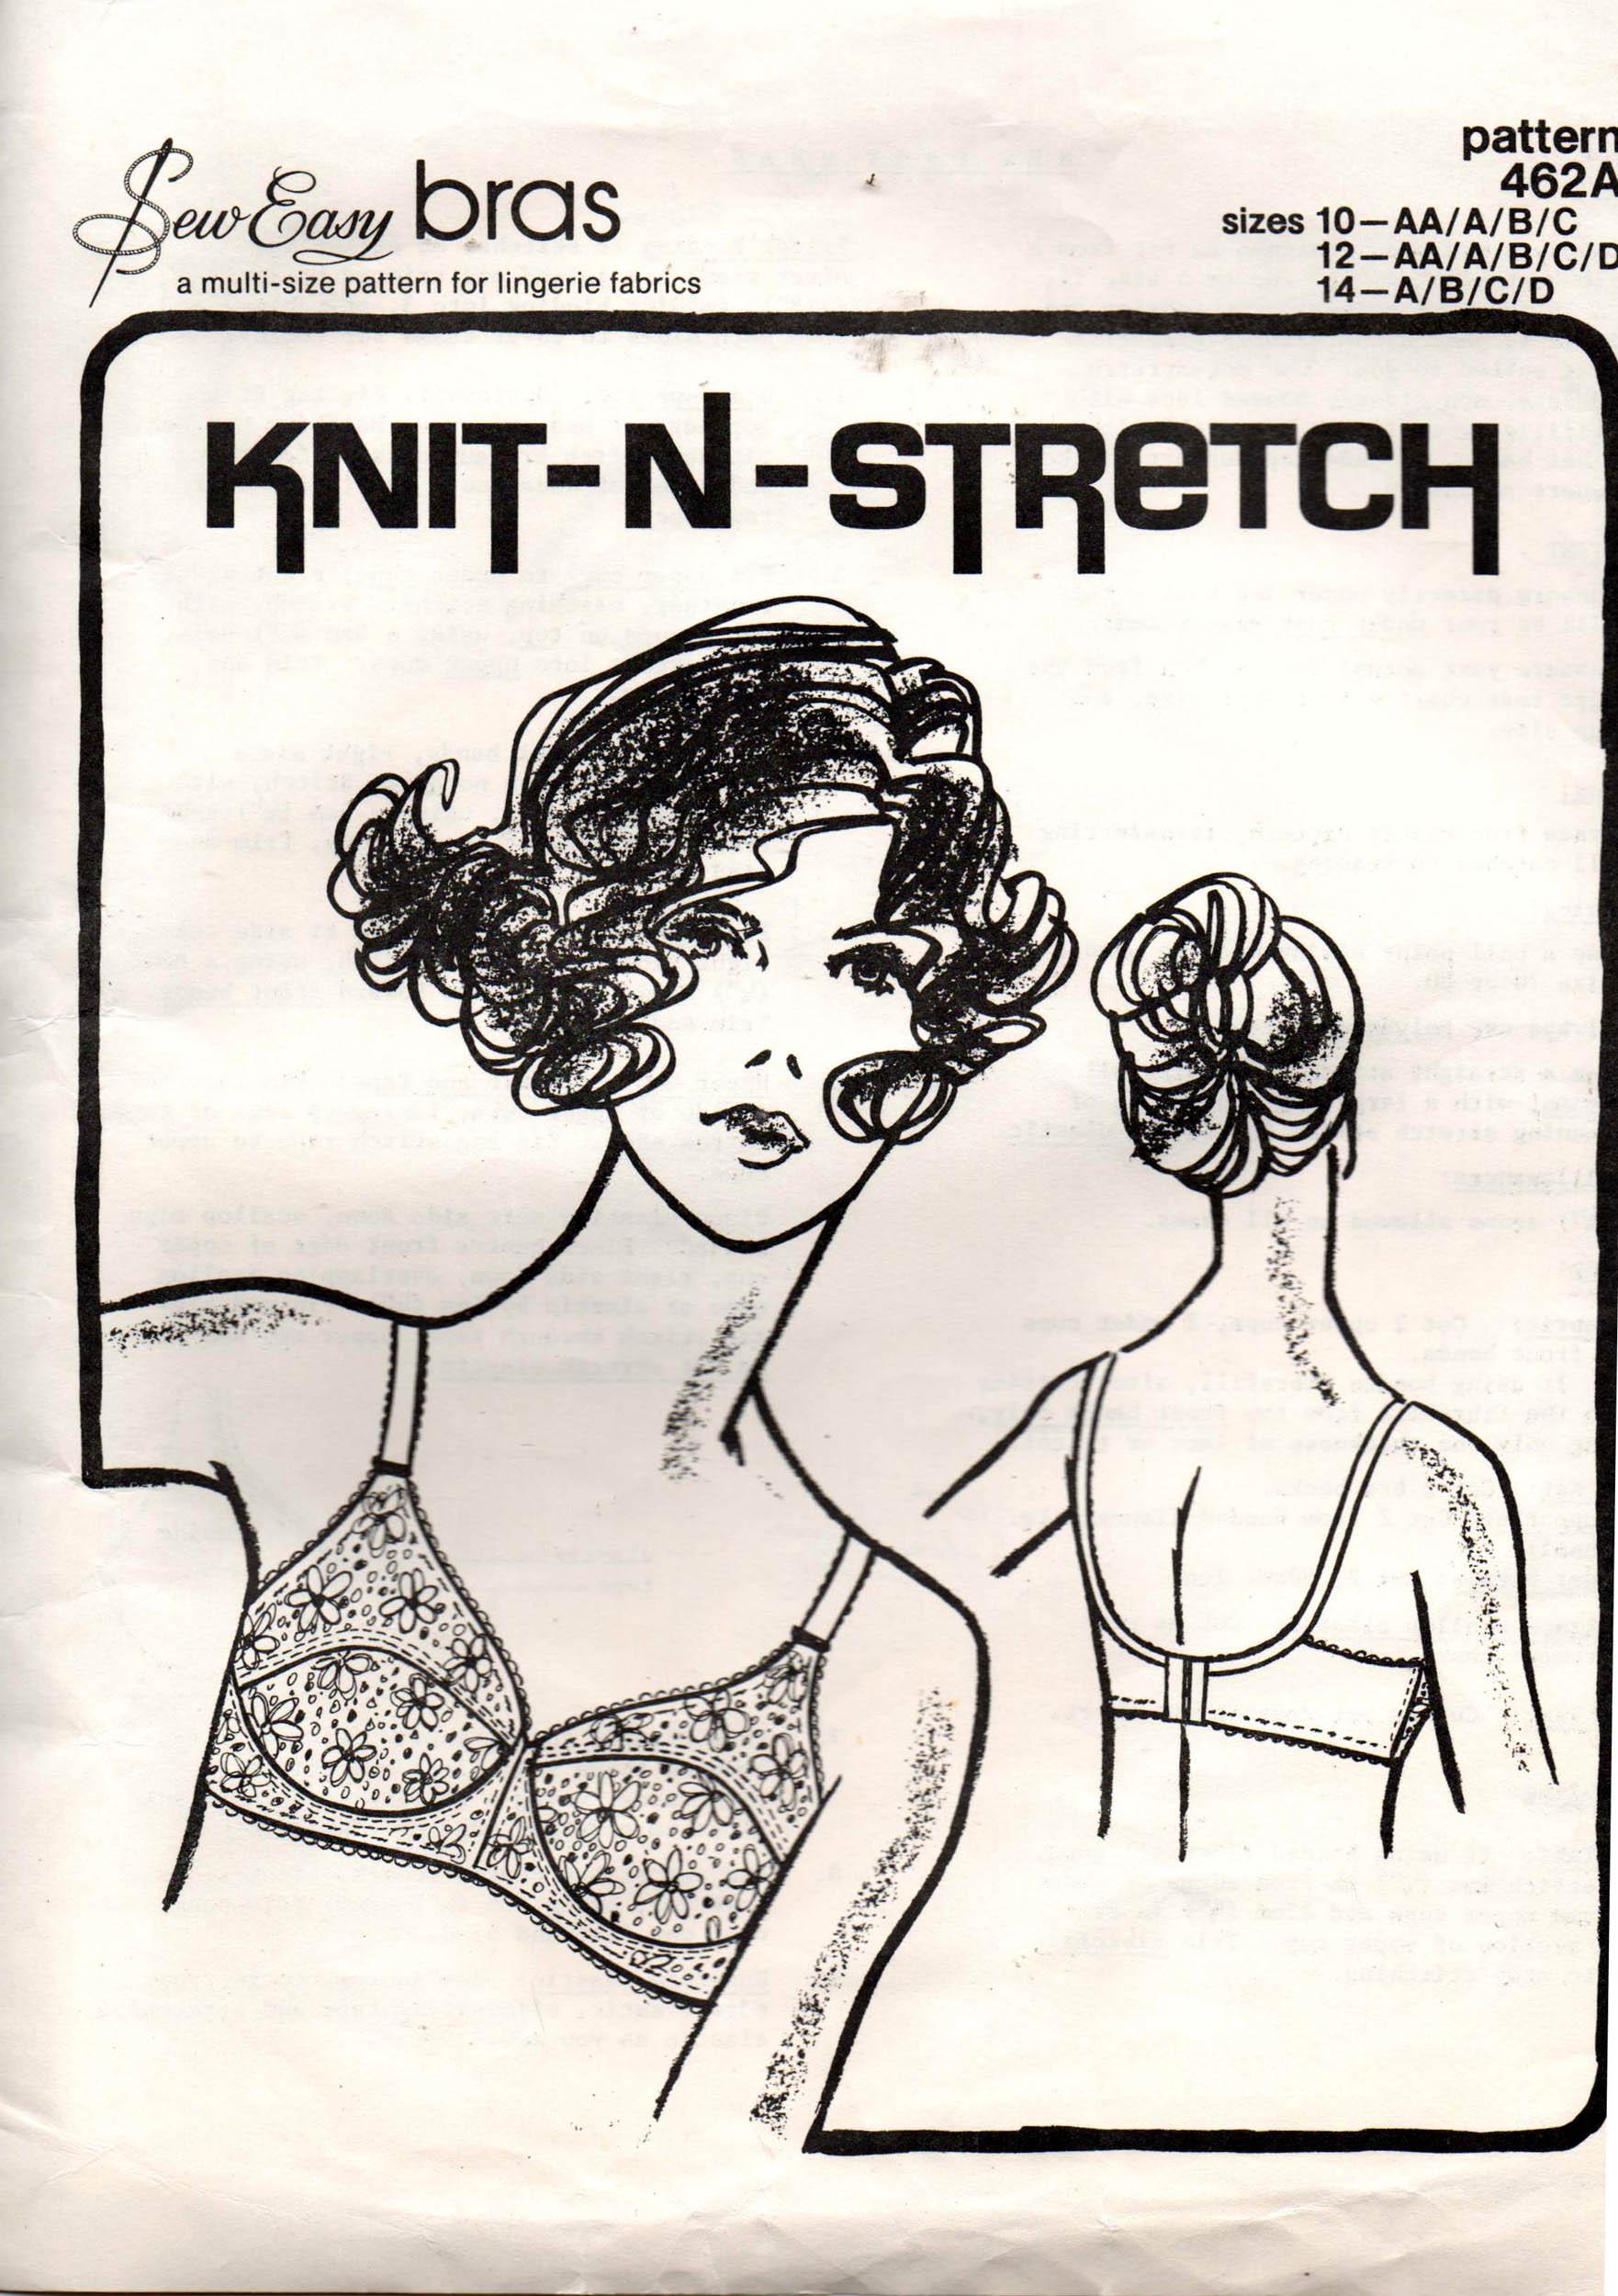 Knit-N-Stretch 462A